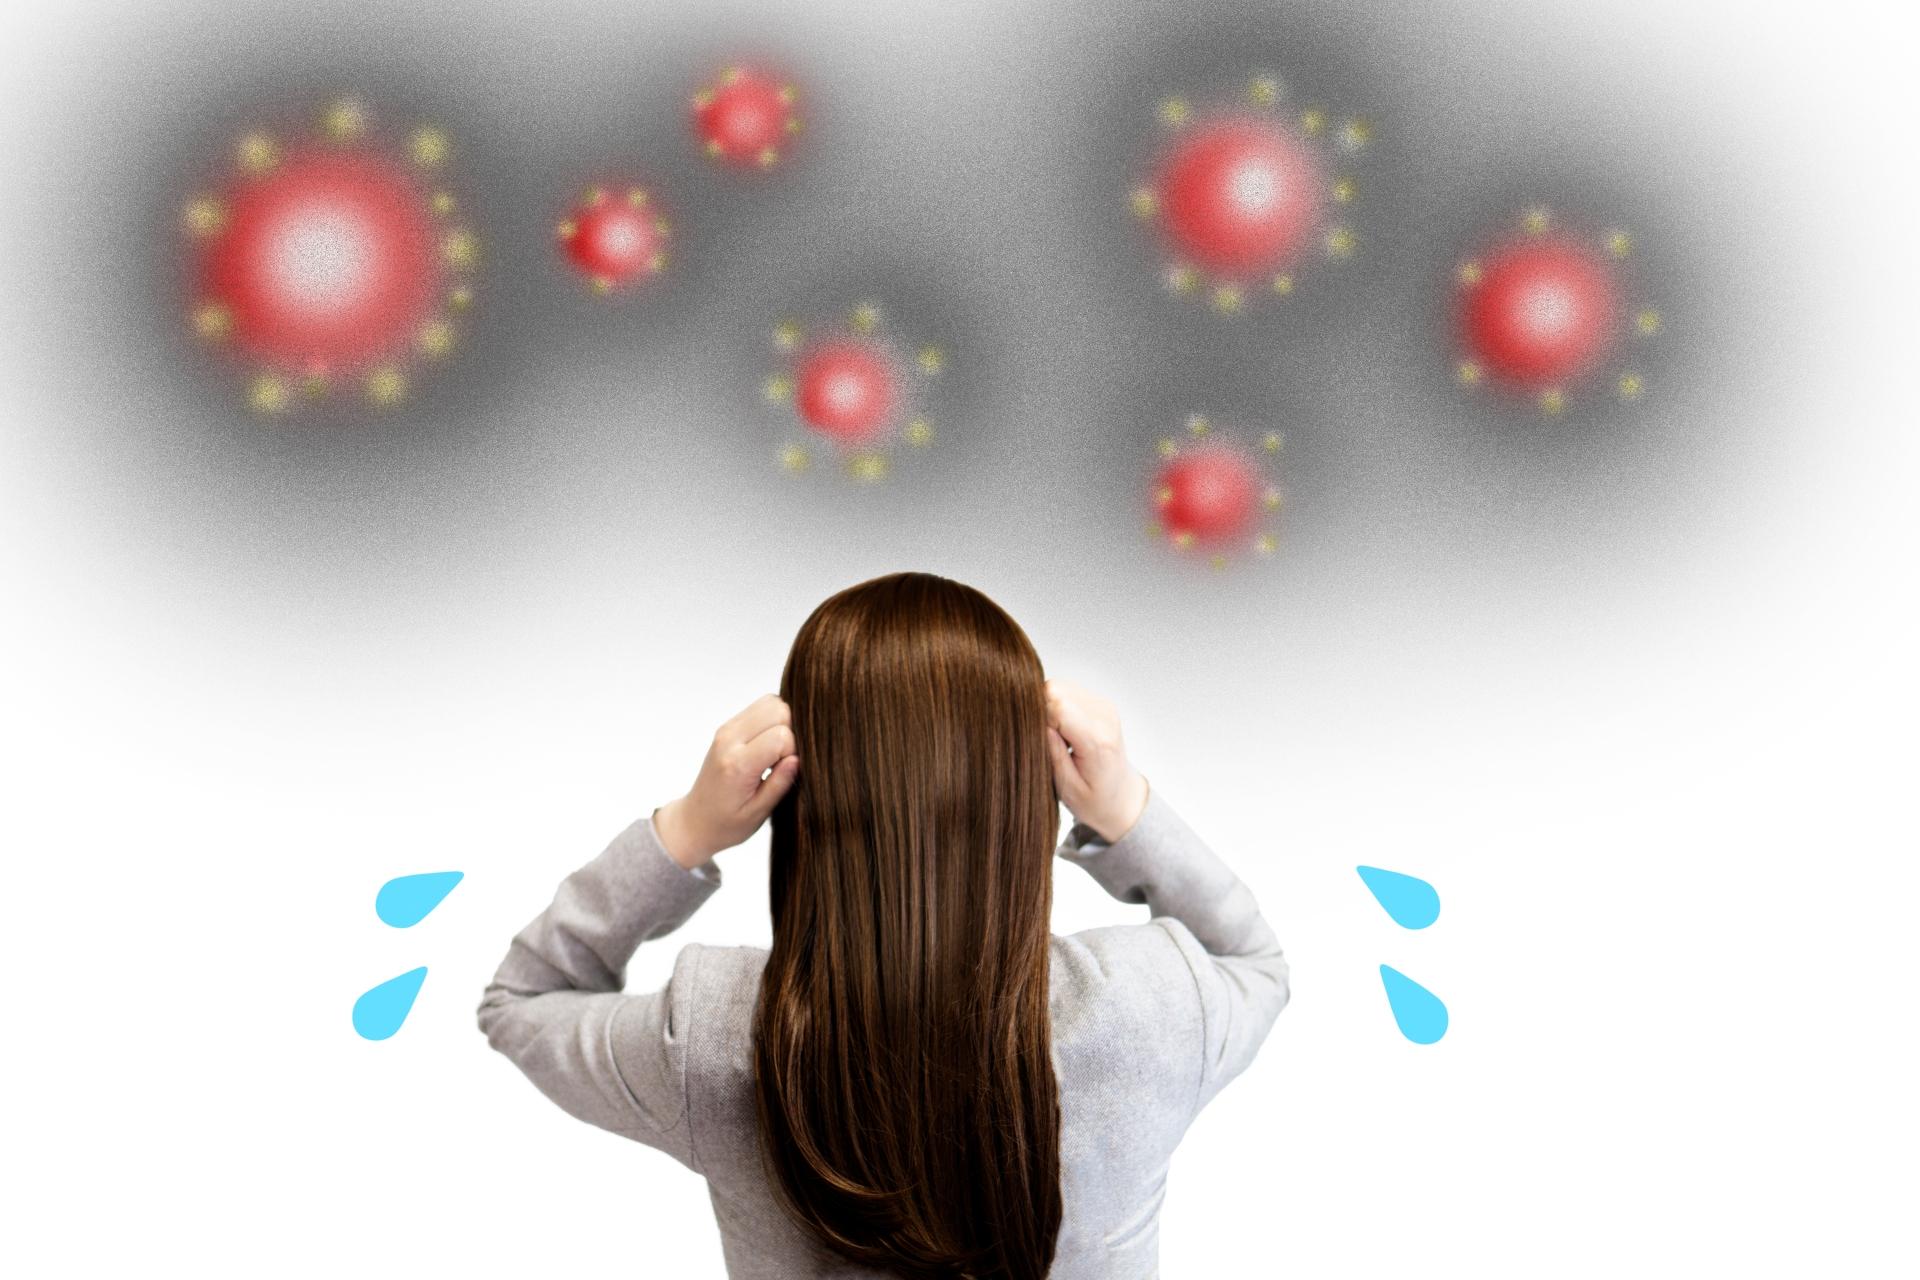 ウイルスに感染してしまった場合、換気はどうすればいい?